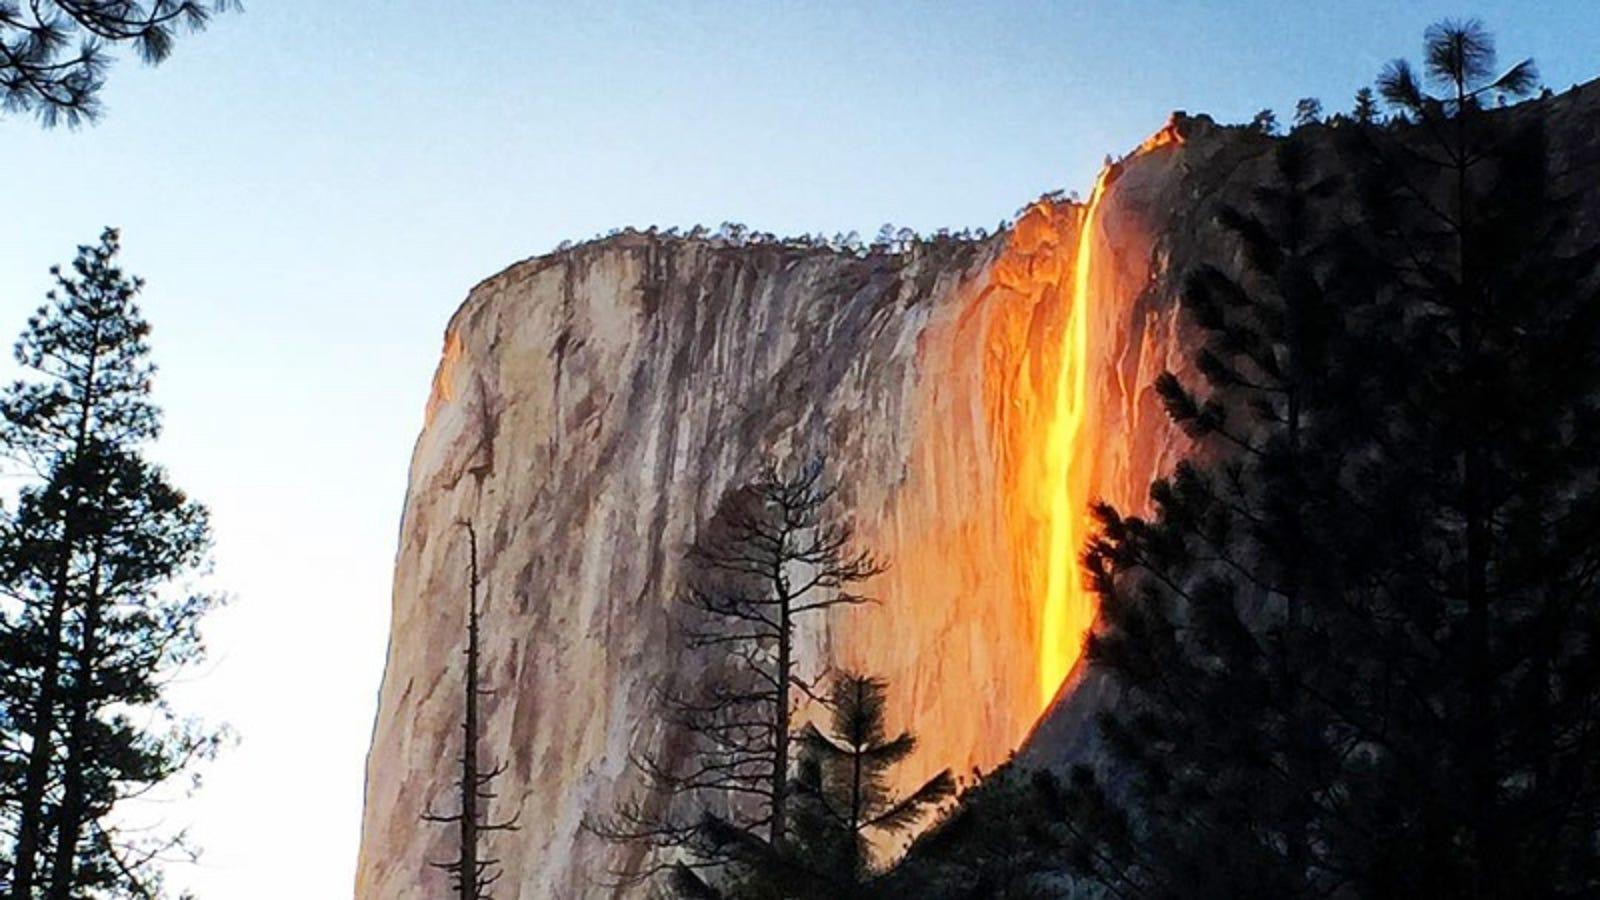 Cientos de turistas se preparan para ver la cascada de fuego de Yosemite, un fenómeno que solo se da en febrero